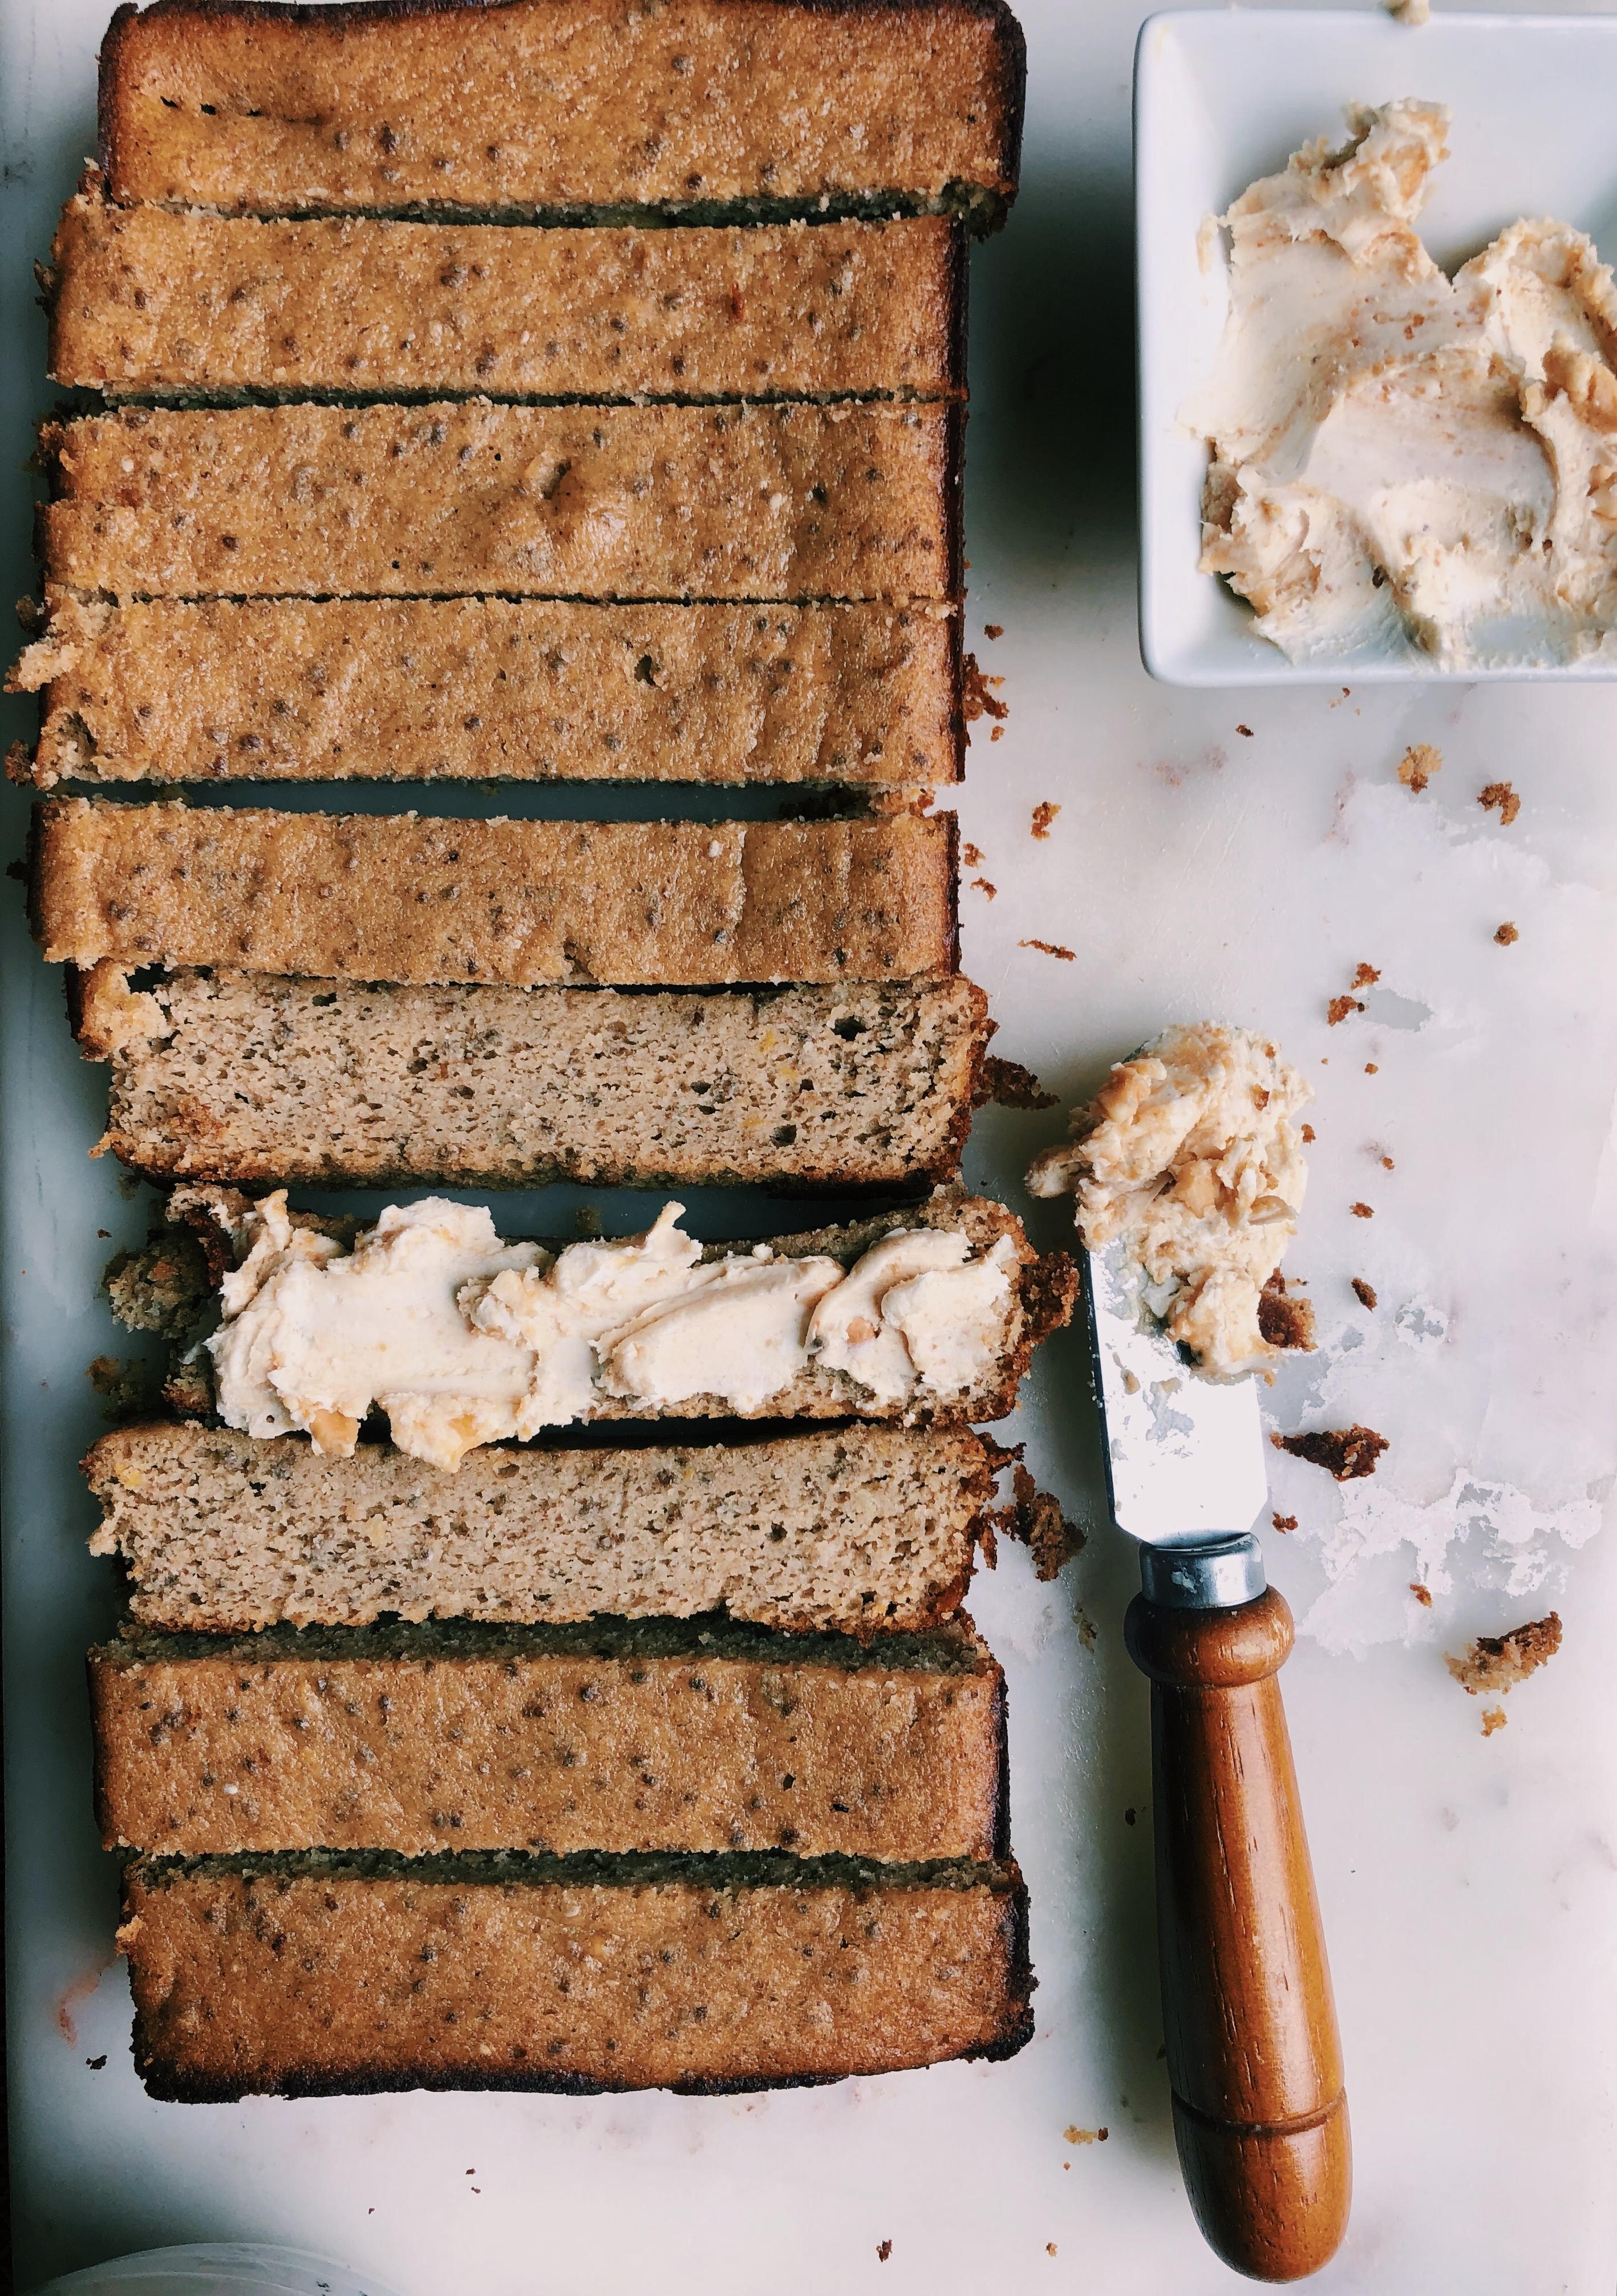 gluten-free peanut butter bread